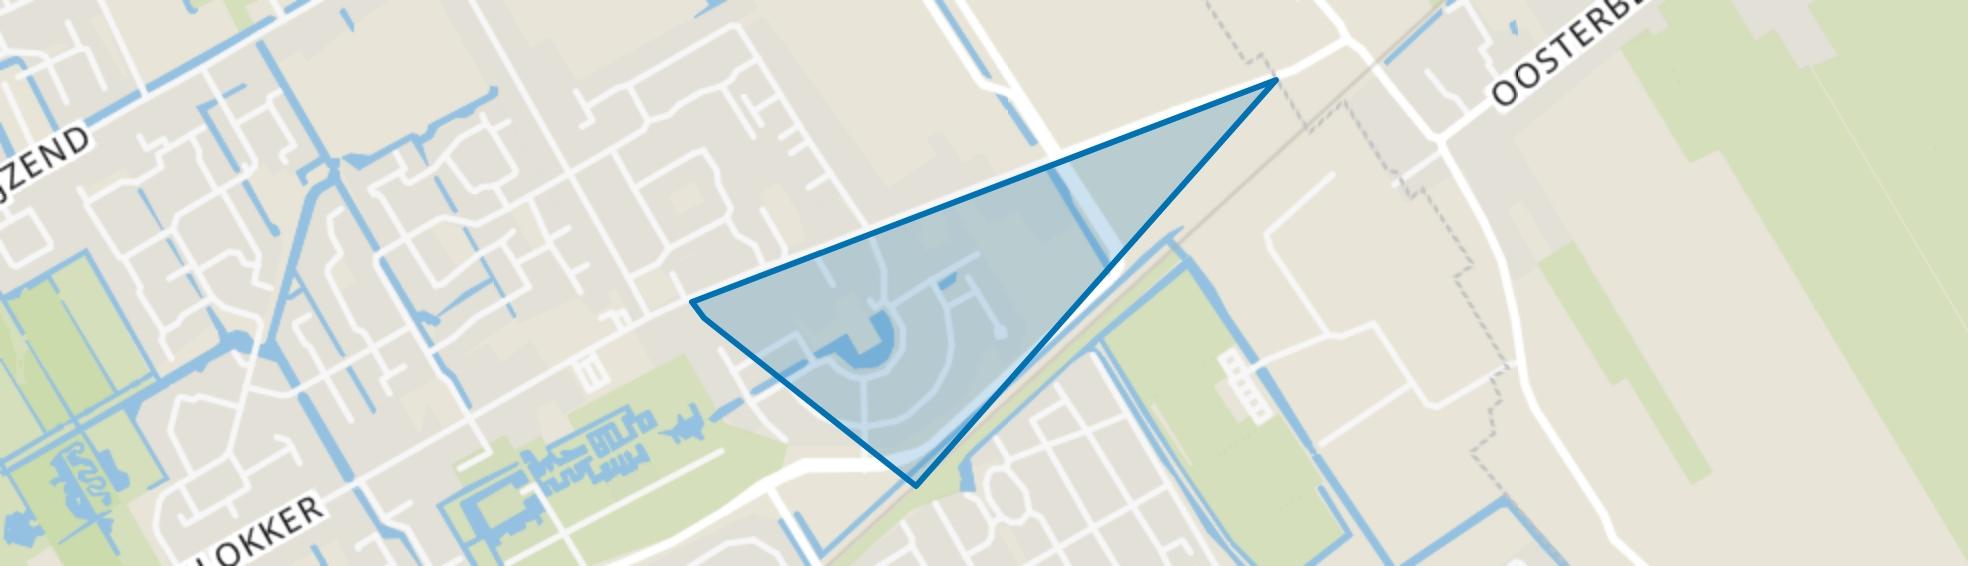 Blokker - Buurt 31 02, Blokker map